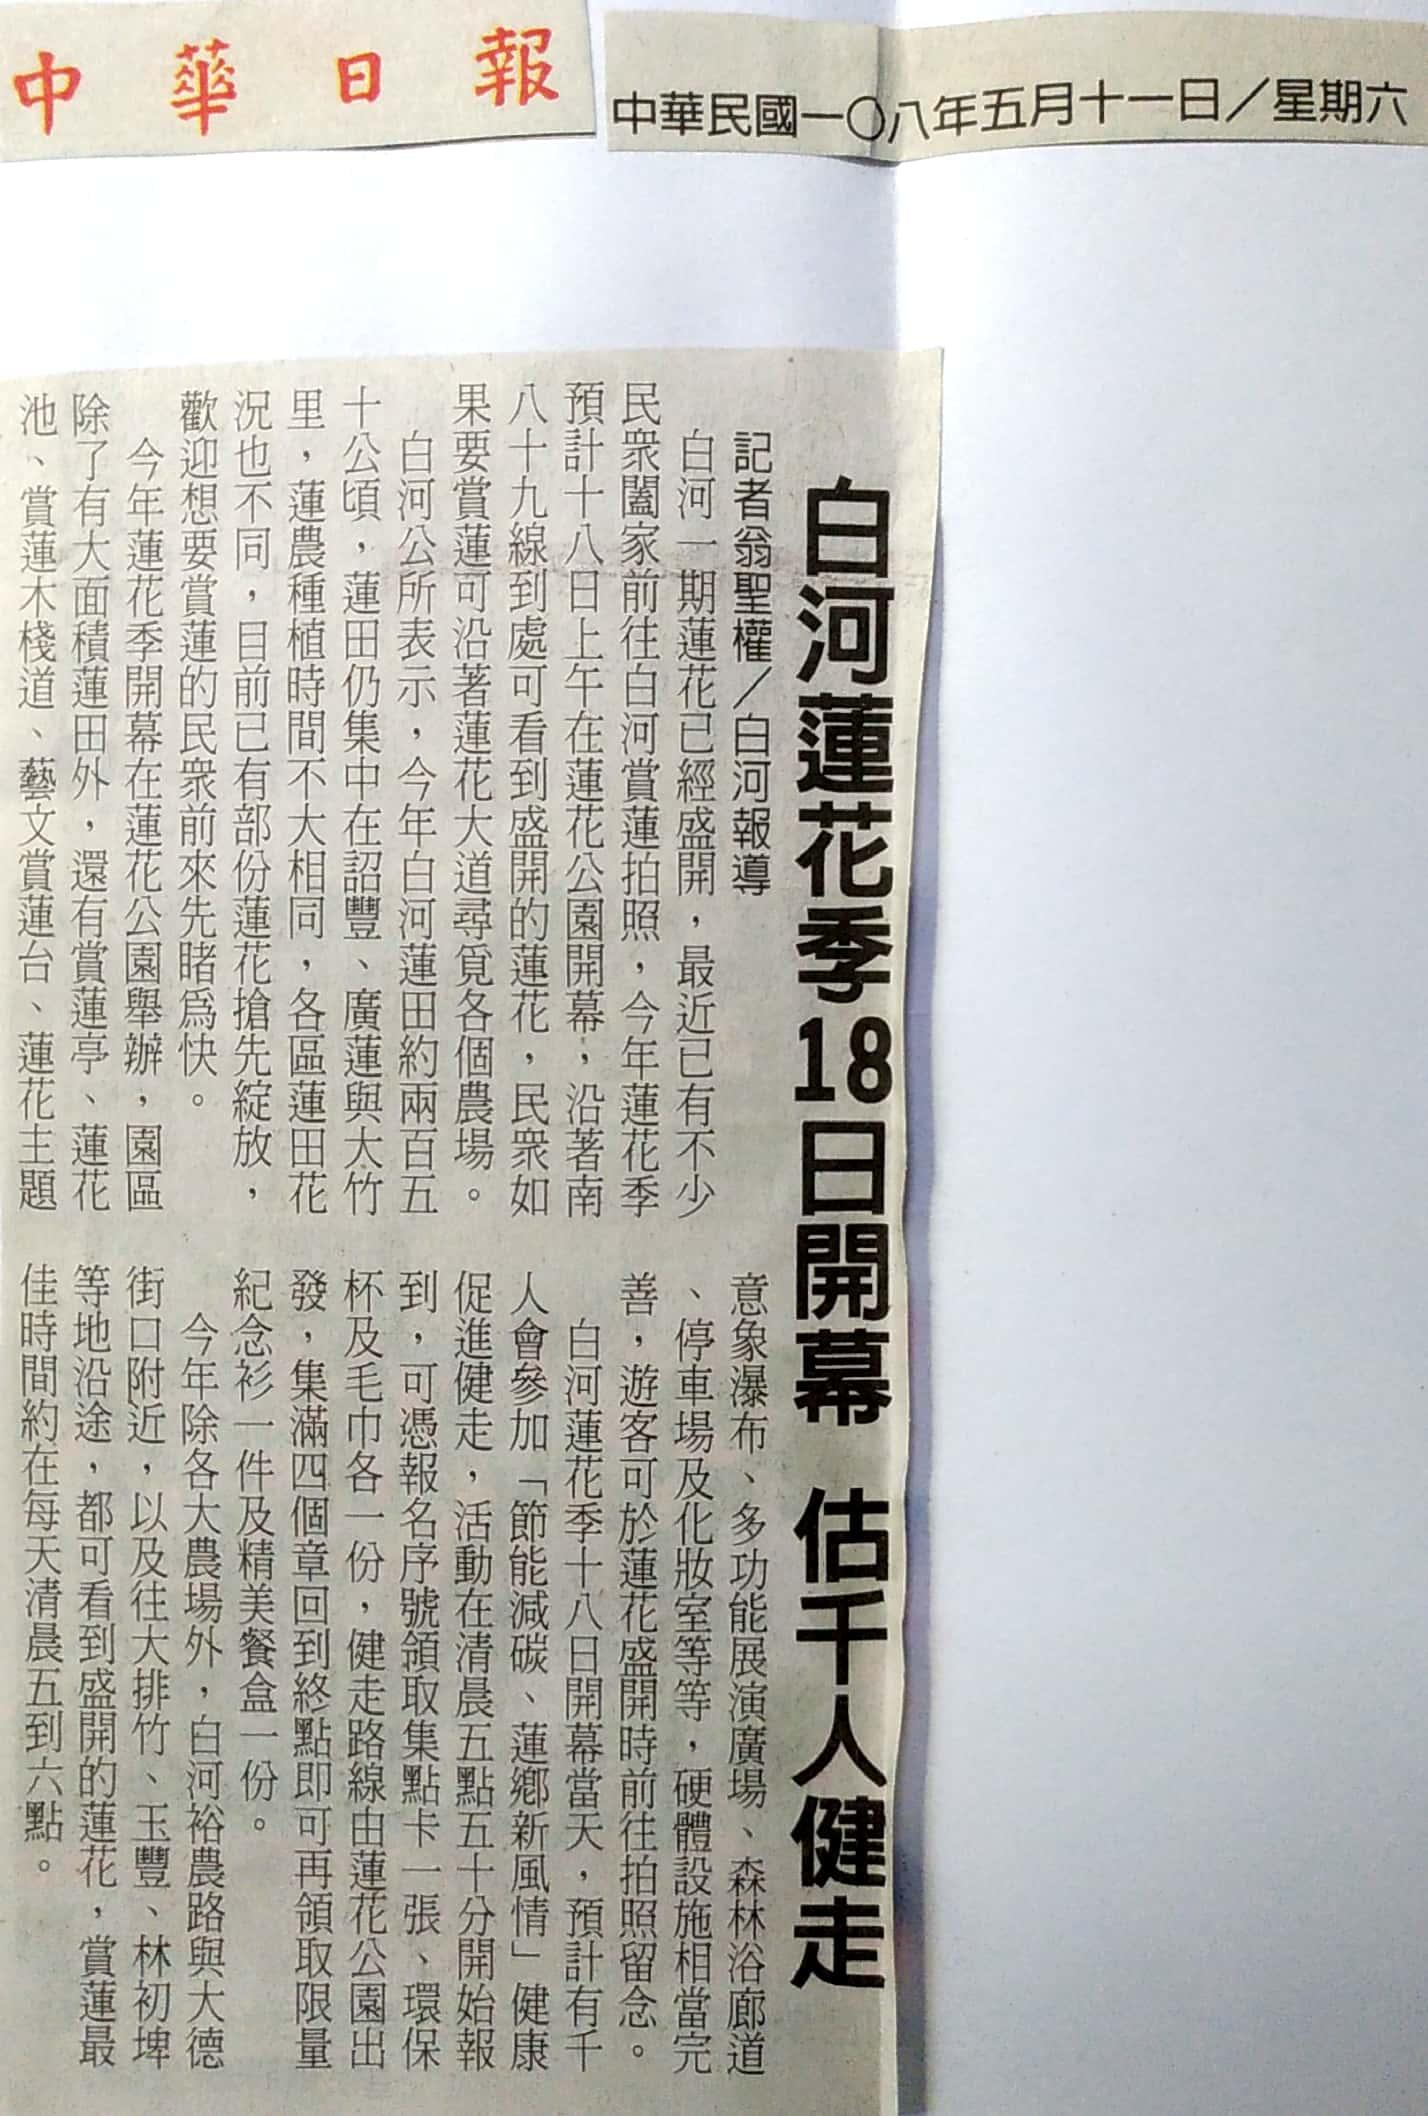 白河蓮花季登場-中華日報